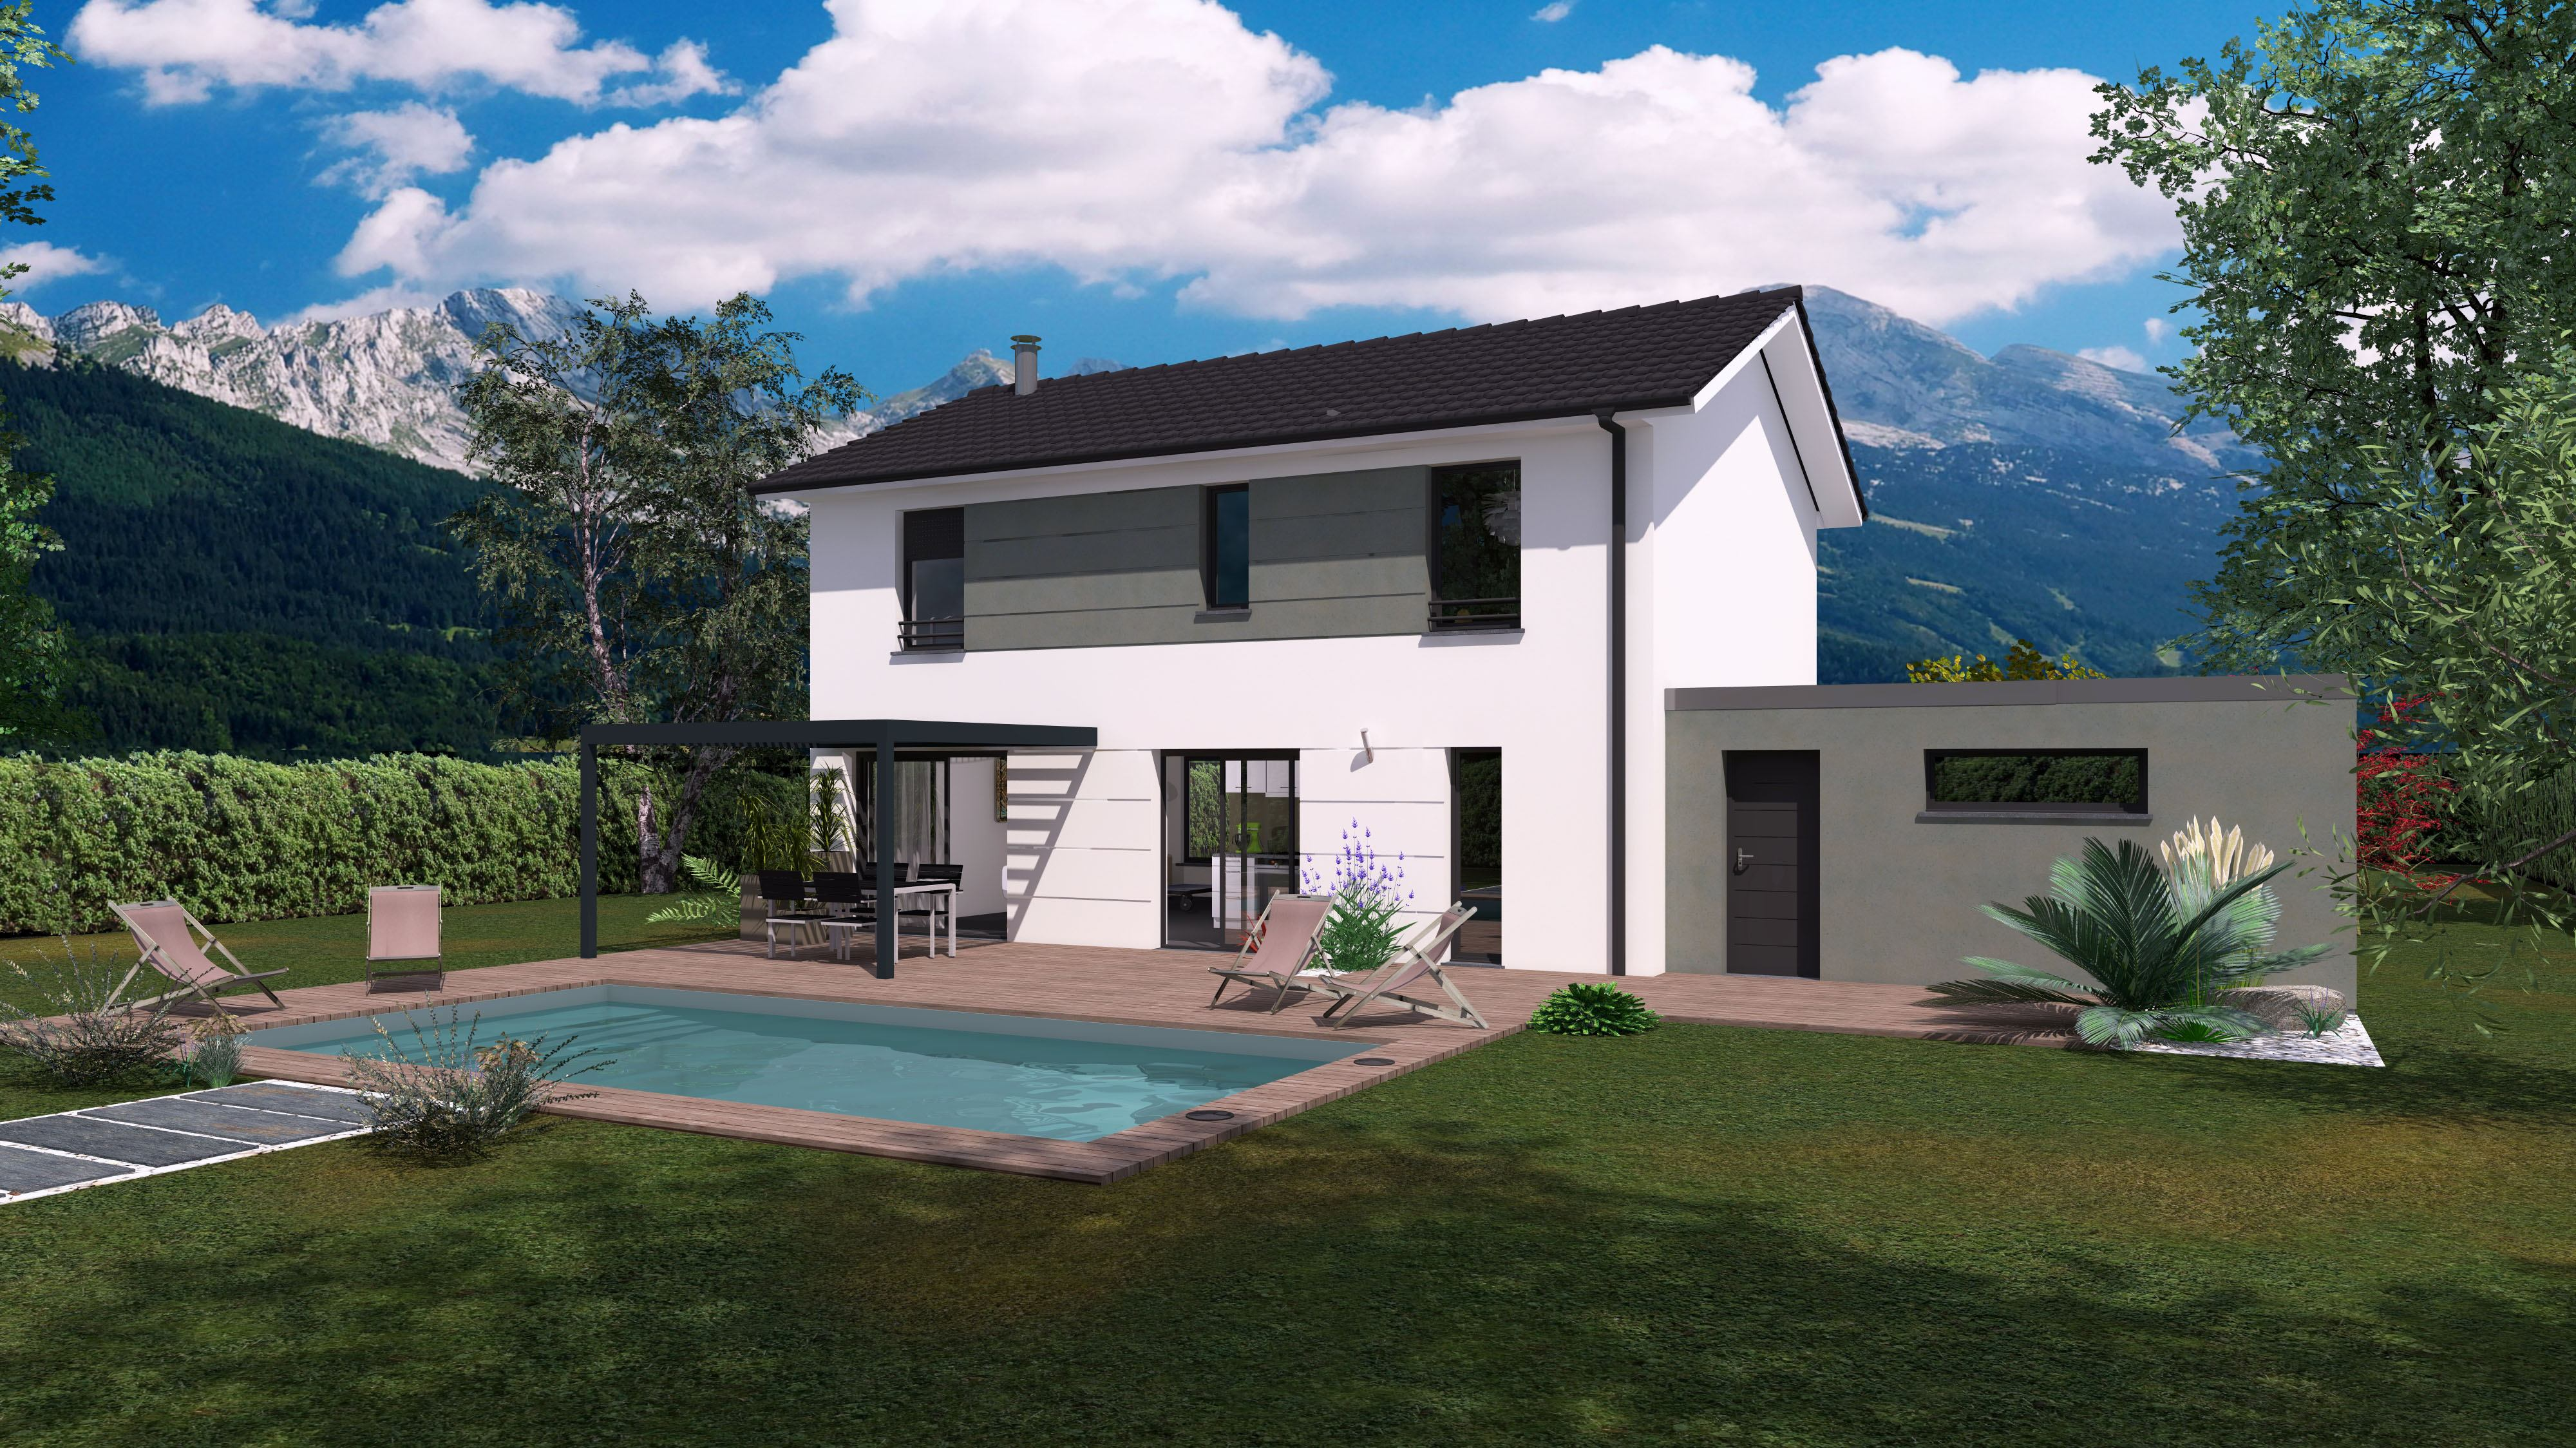 Maisons + Terrains du constructeur Maisons familiales Échirolles • 105 m² • POLIENAS